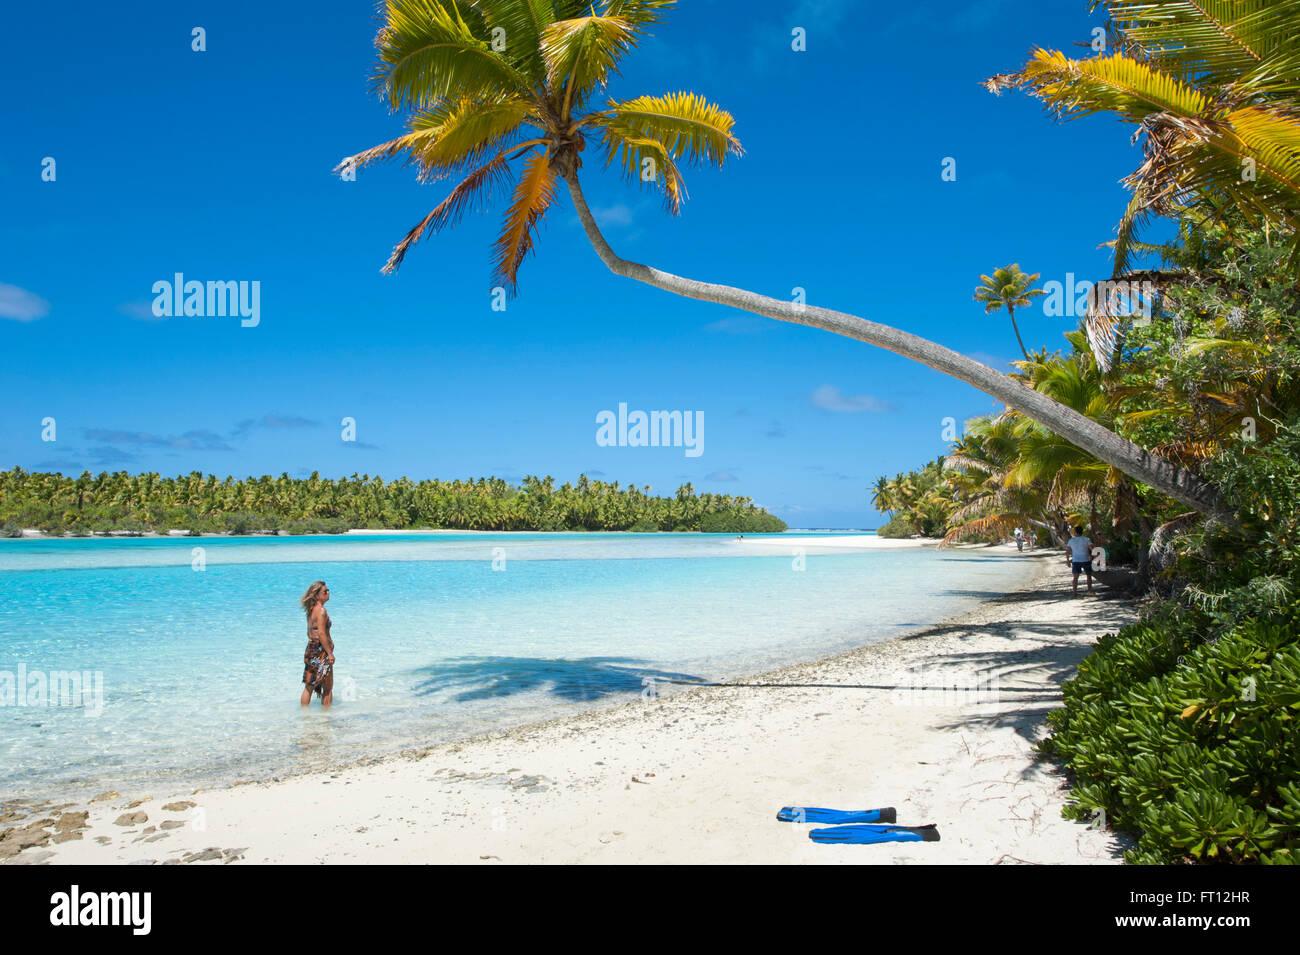 Donna passeggiando lungo la spiaggia con palme a un piede isola in Laguna Aitutaki, Aitutaki, Isole Cook, Sud Pacifico Immagini Stock